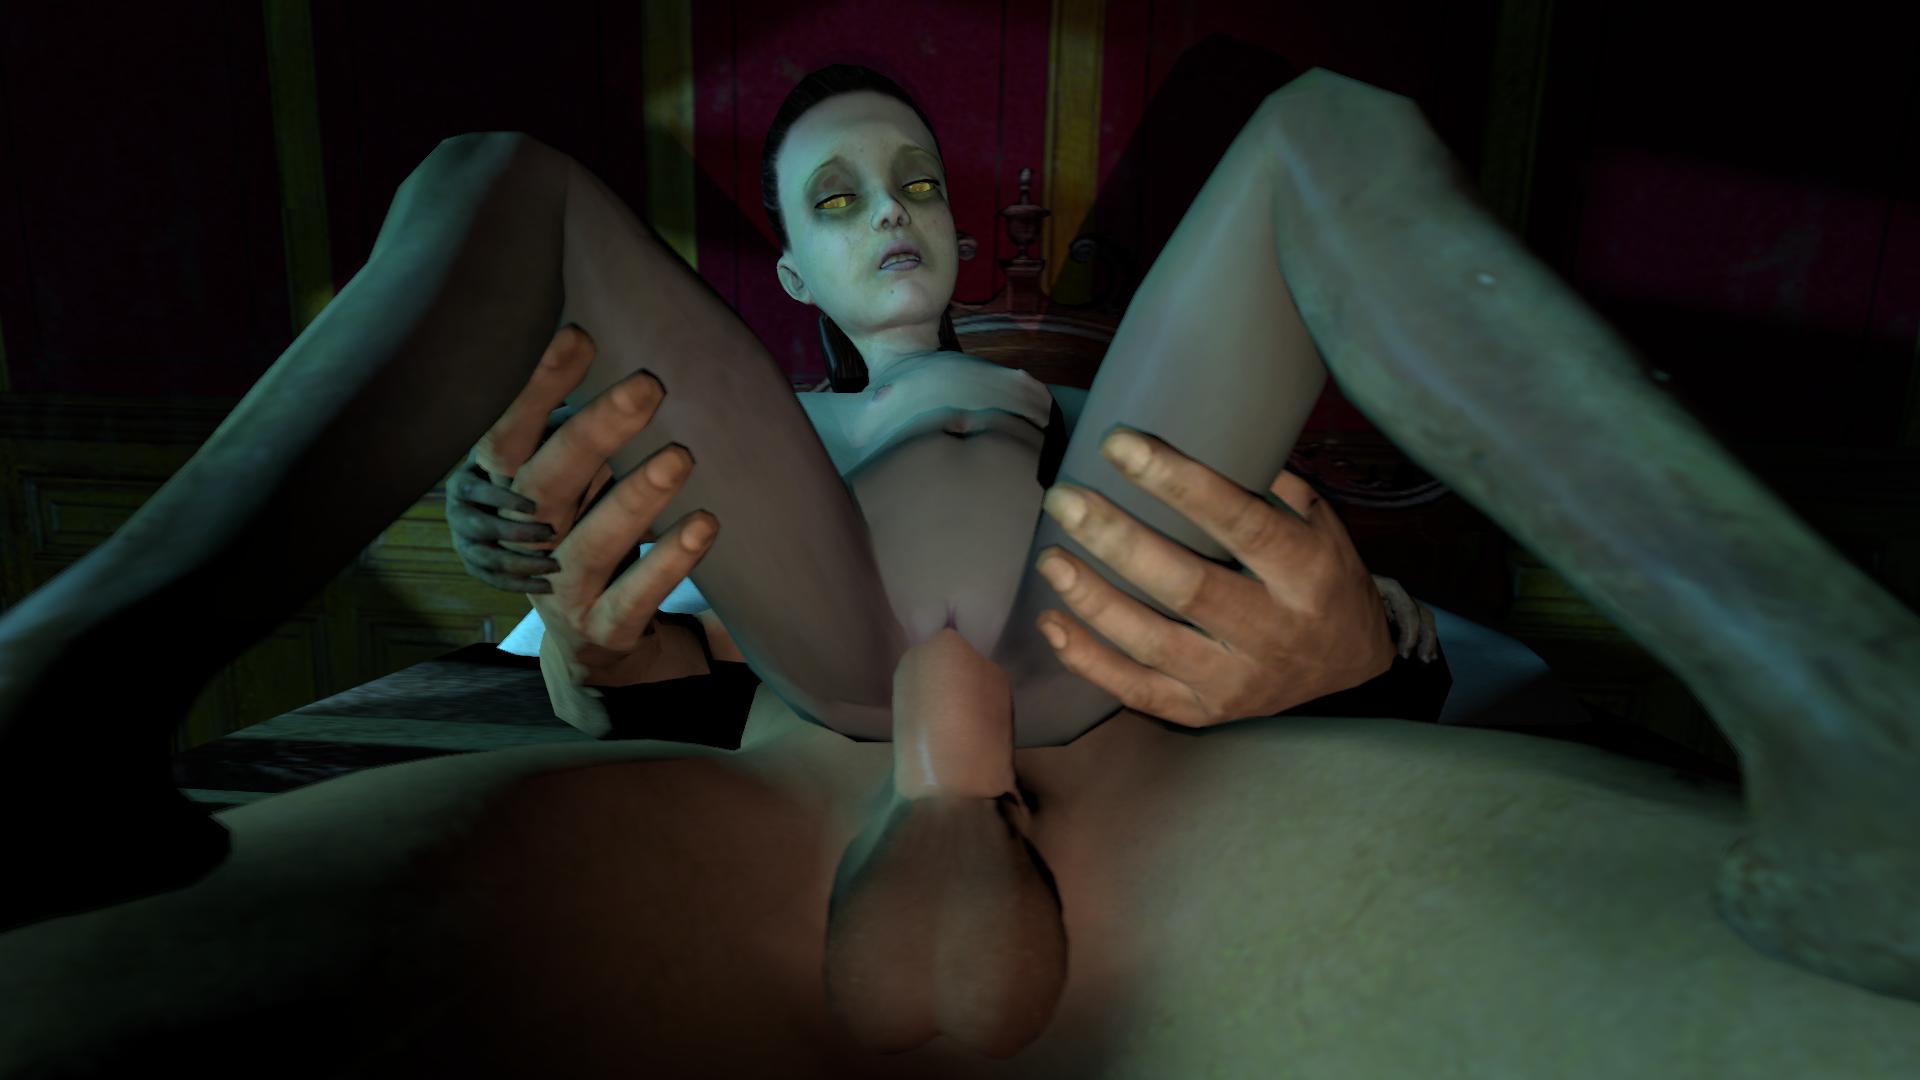 Rule 34 tube 3d porno scenes